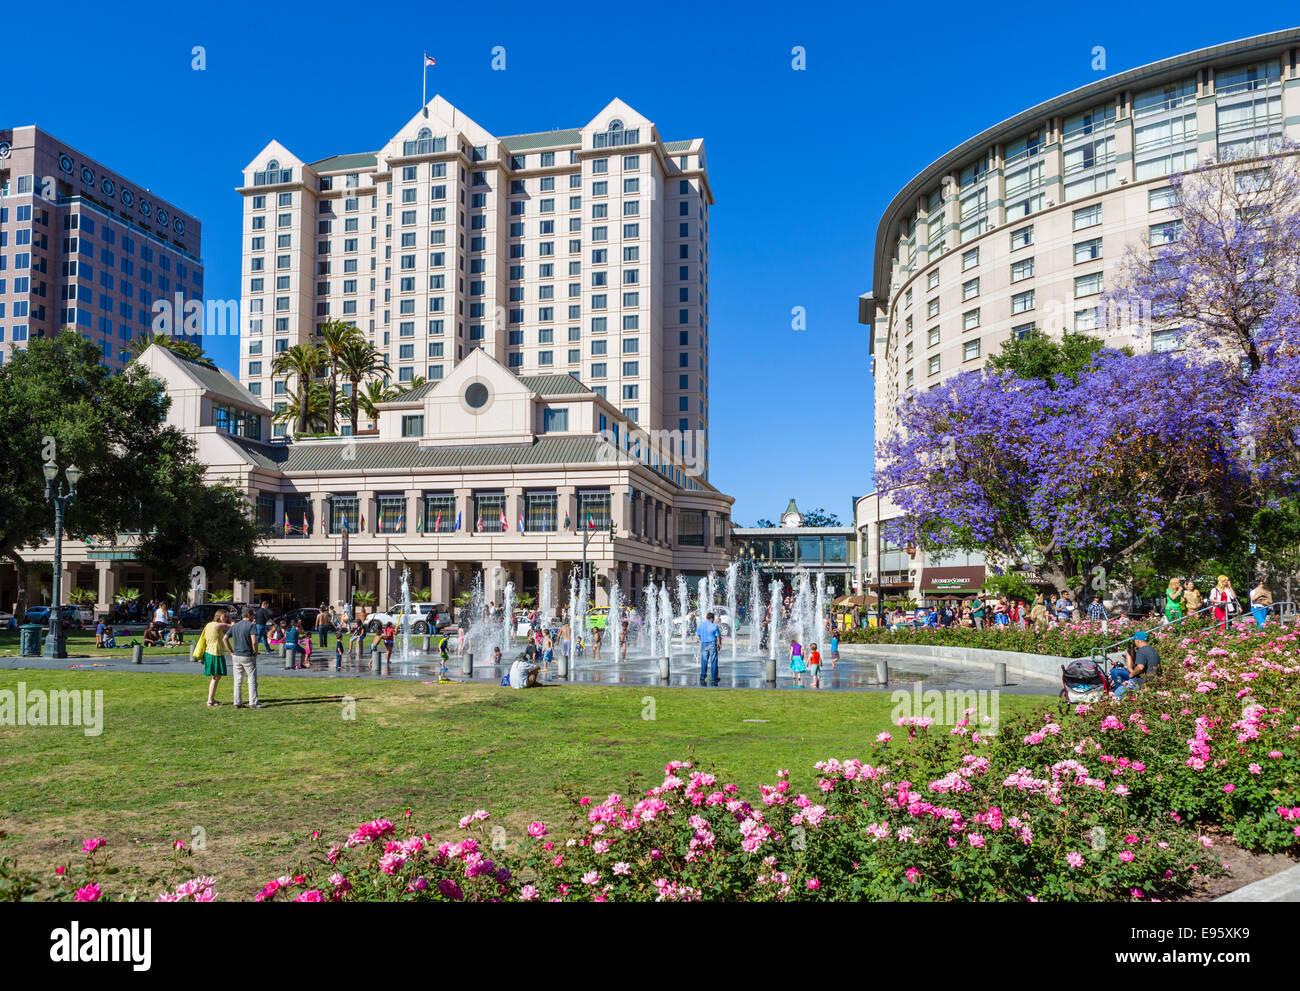 Plaza de Cesar Chavez nel centro cittadino di San Jose, la Contea di Santa Clara, California, Stati Uniti d'America Immagini Stock